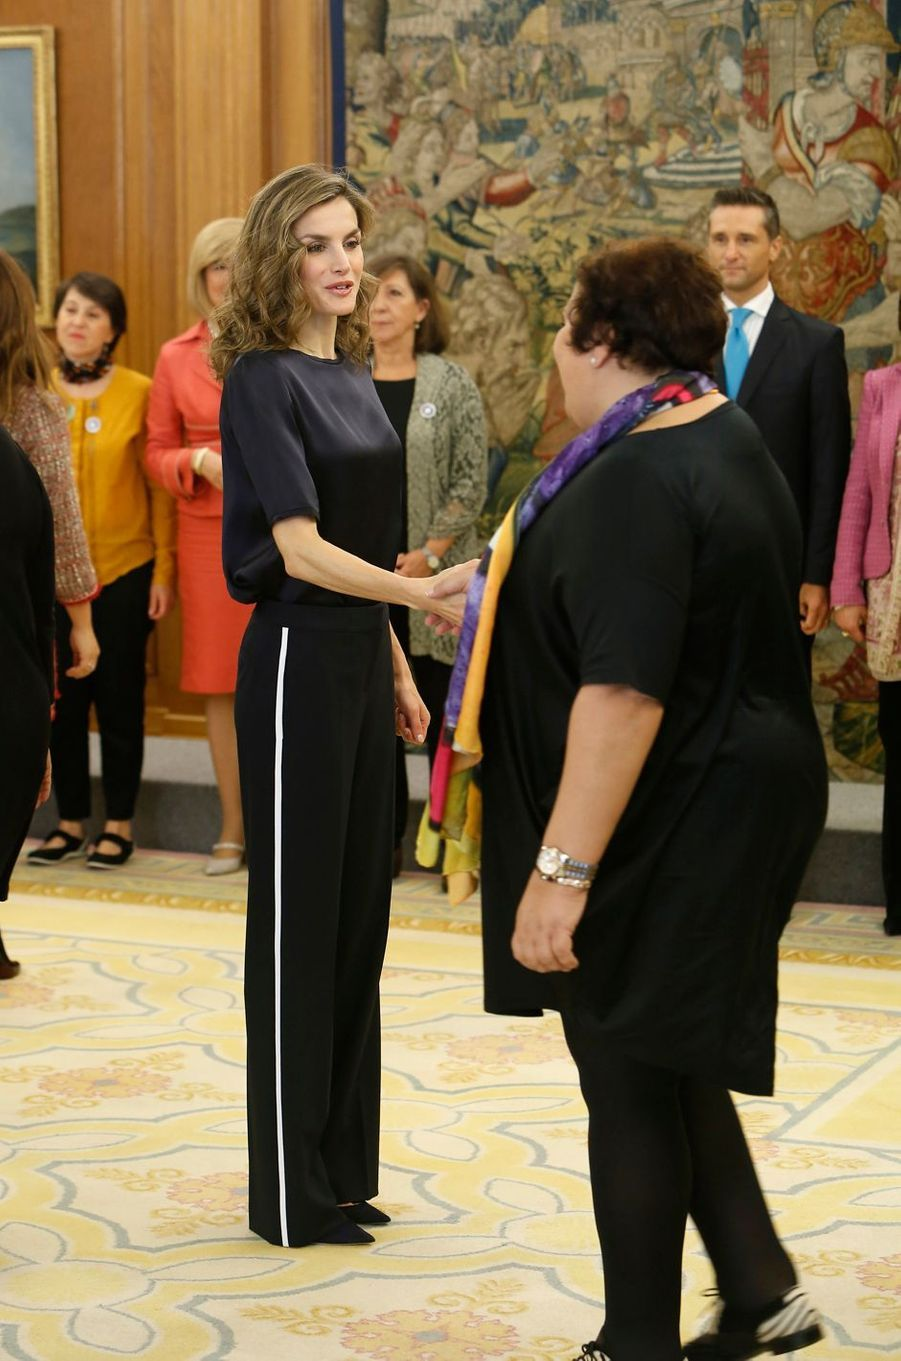 La reine Letizia d'Espagne en audience à Madrid, le 27 octobre 2016